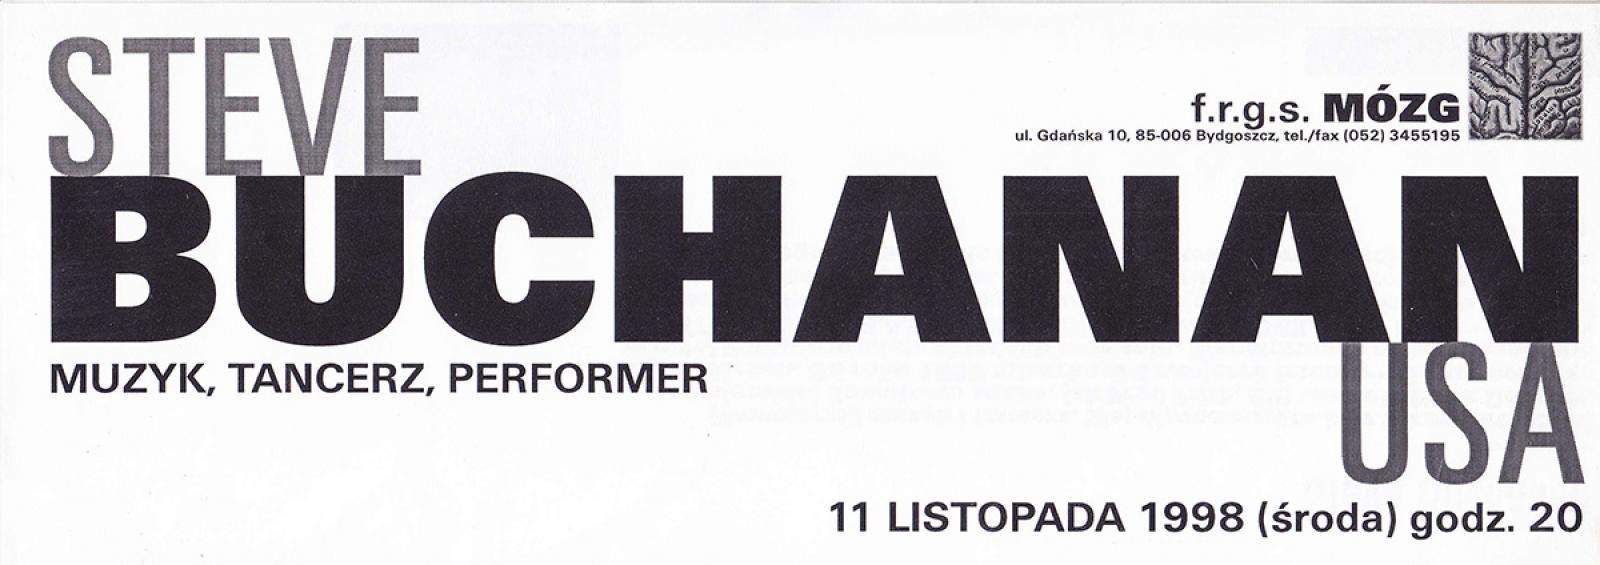 Steven Buchanan - koncert, performance (USA)